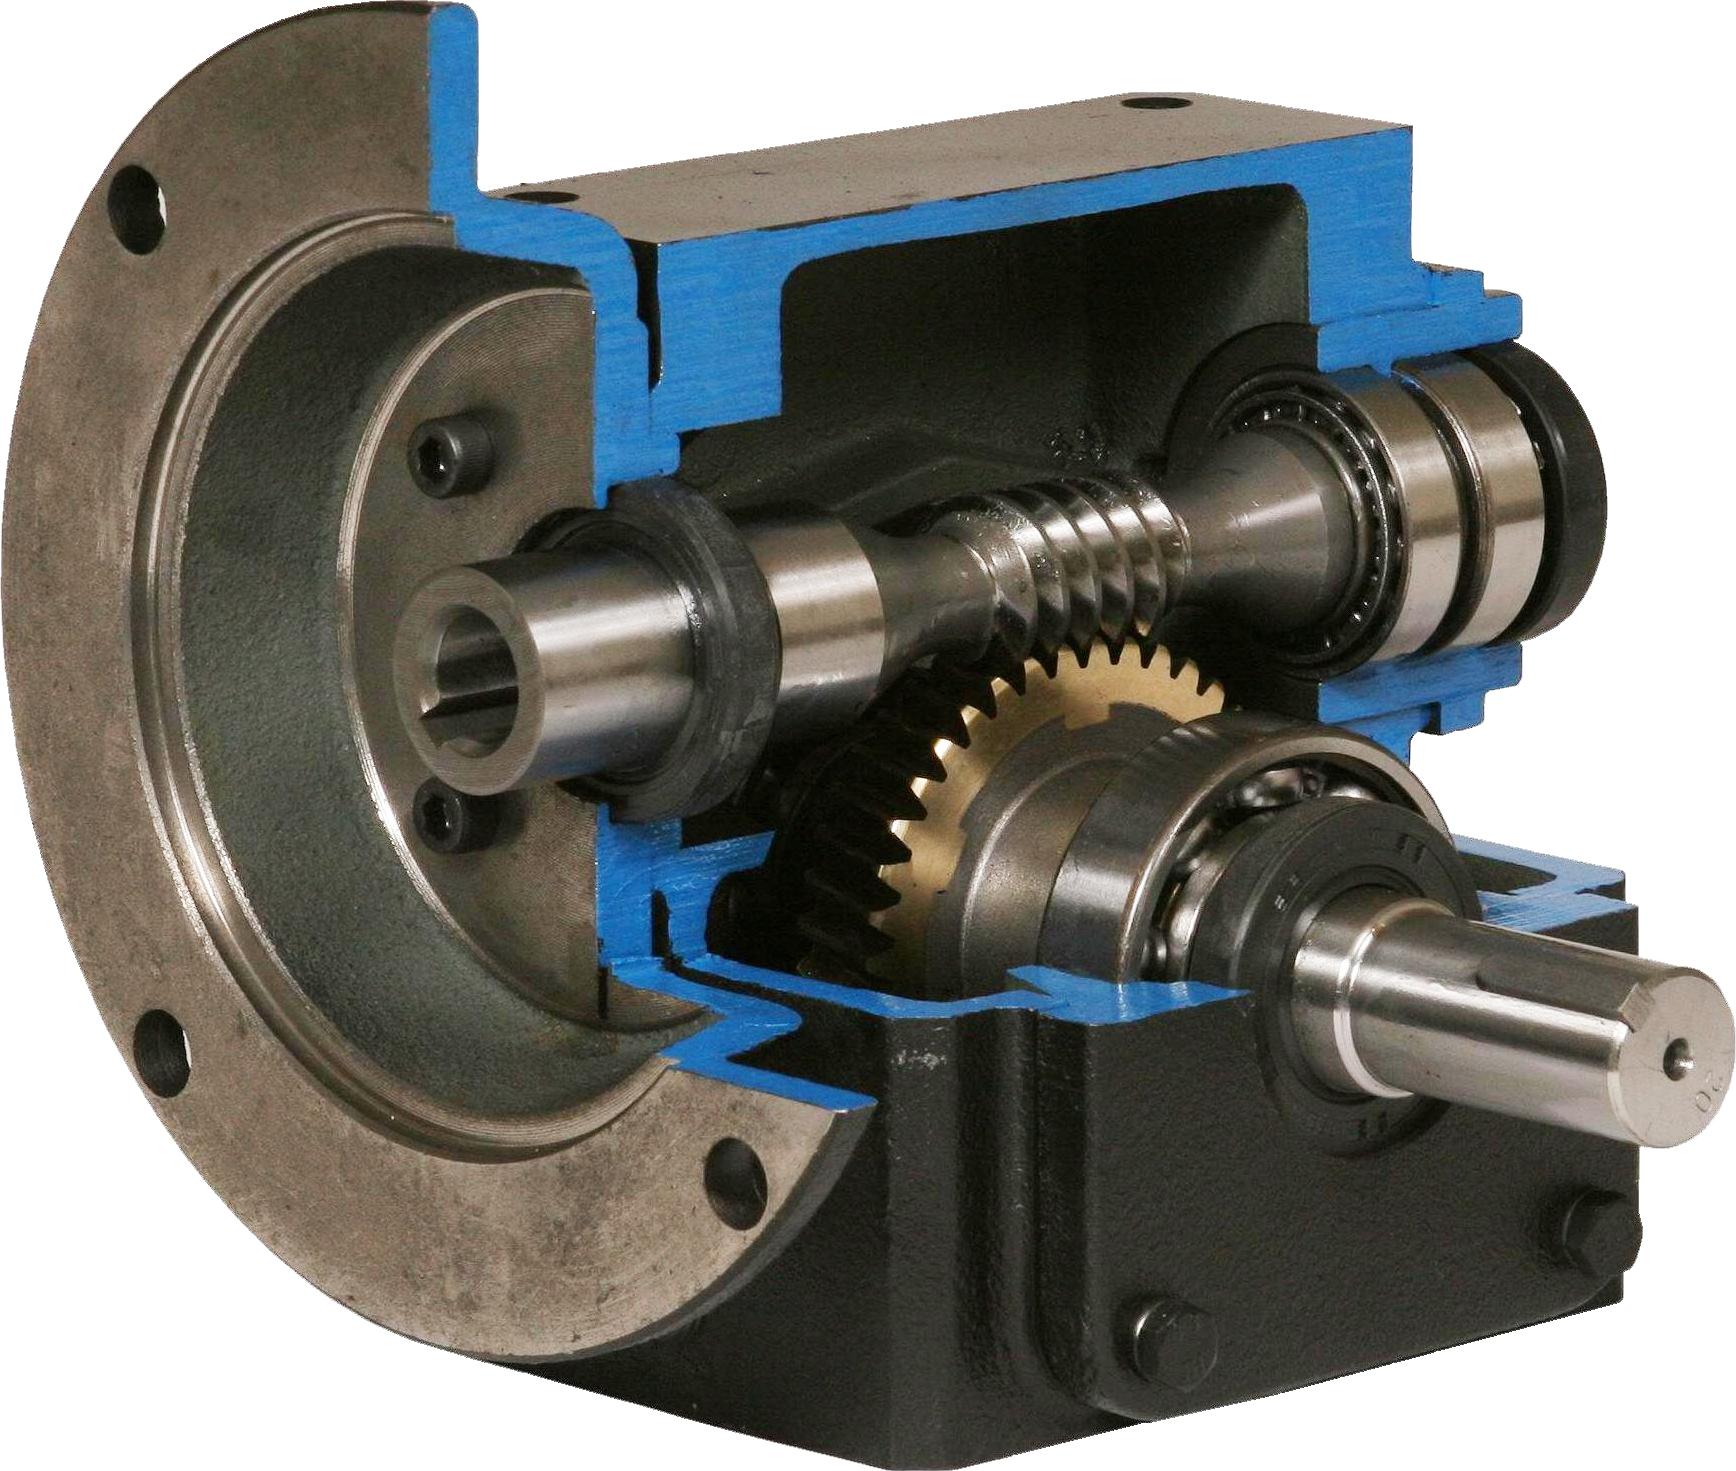 Gear Box Gear : Worm gear reducers rainbow precision products